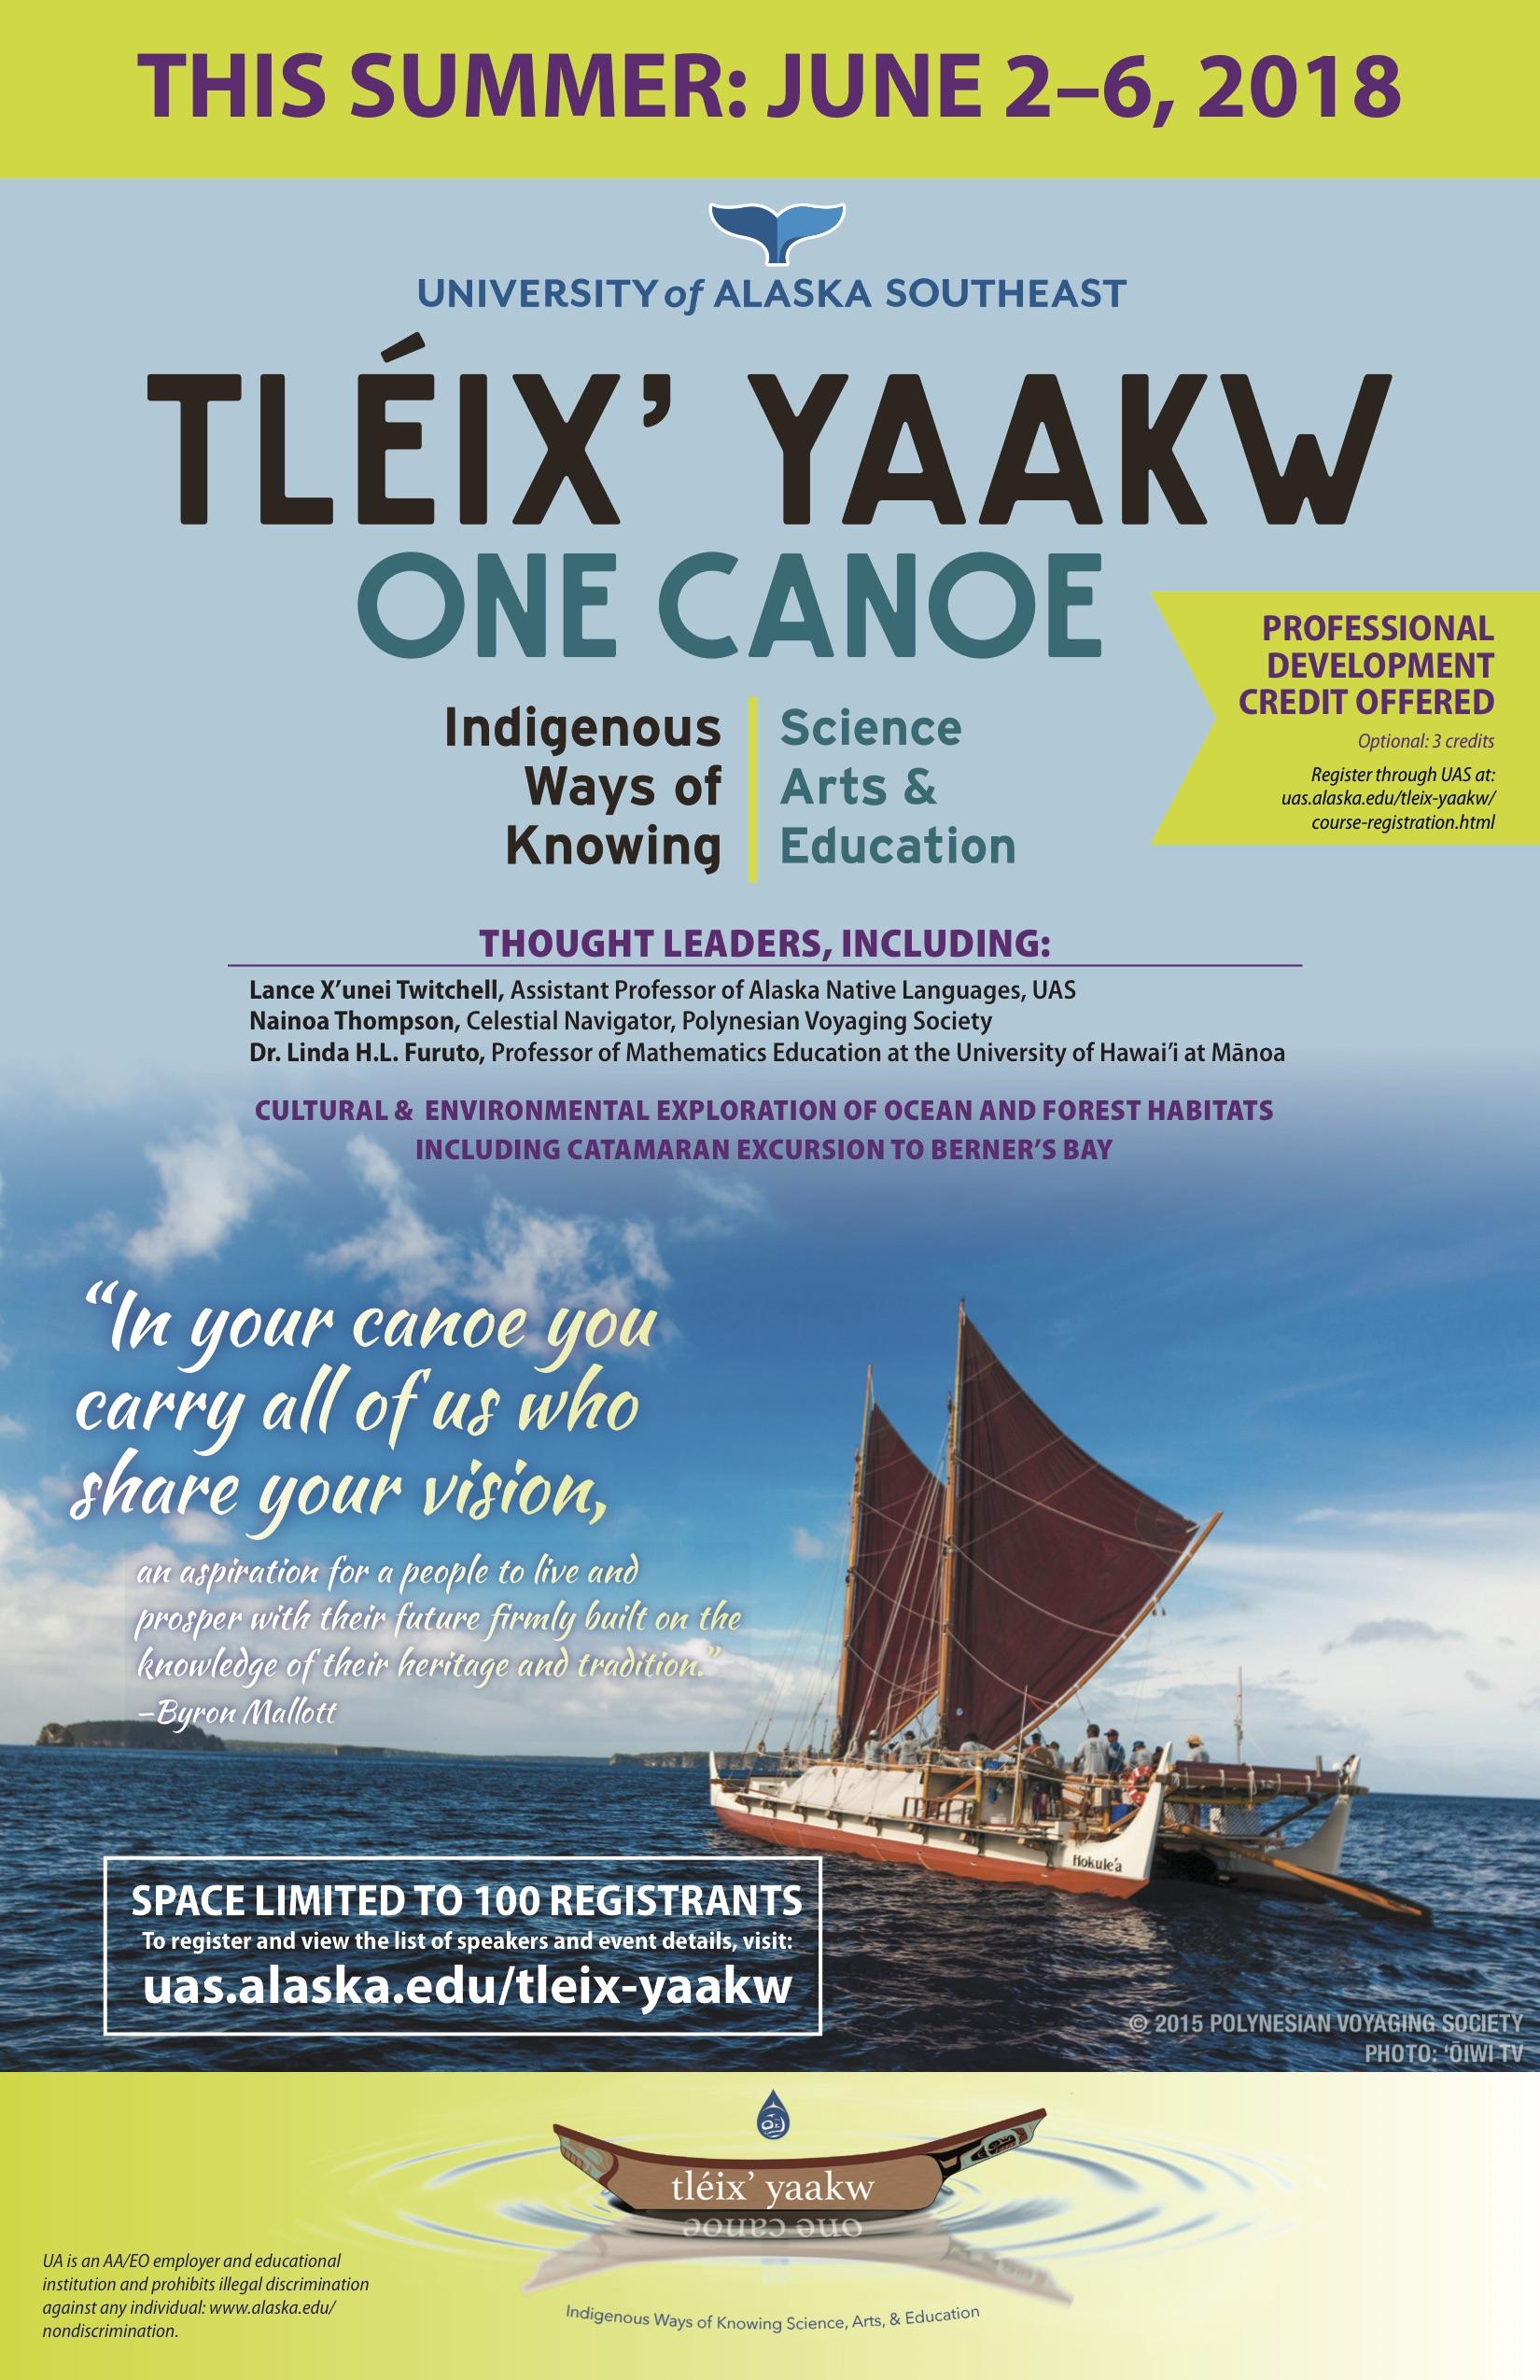 For Teachers: Summer One Canoe Sessions